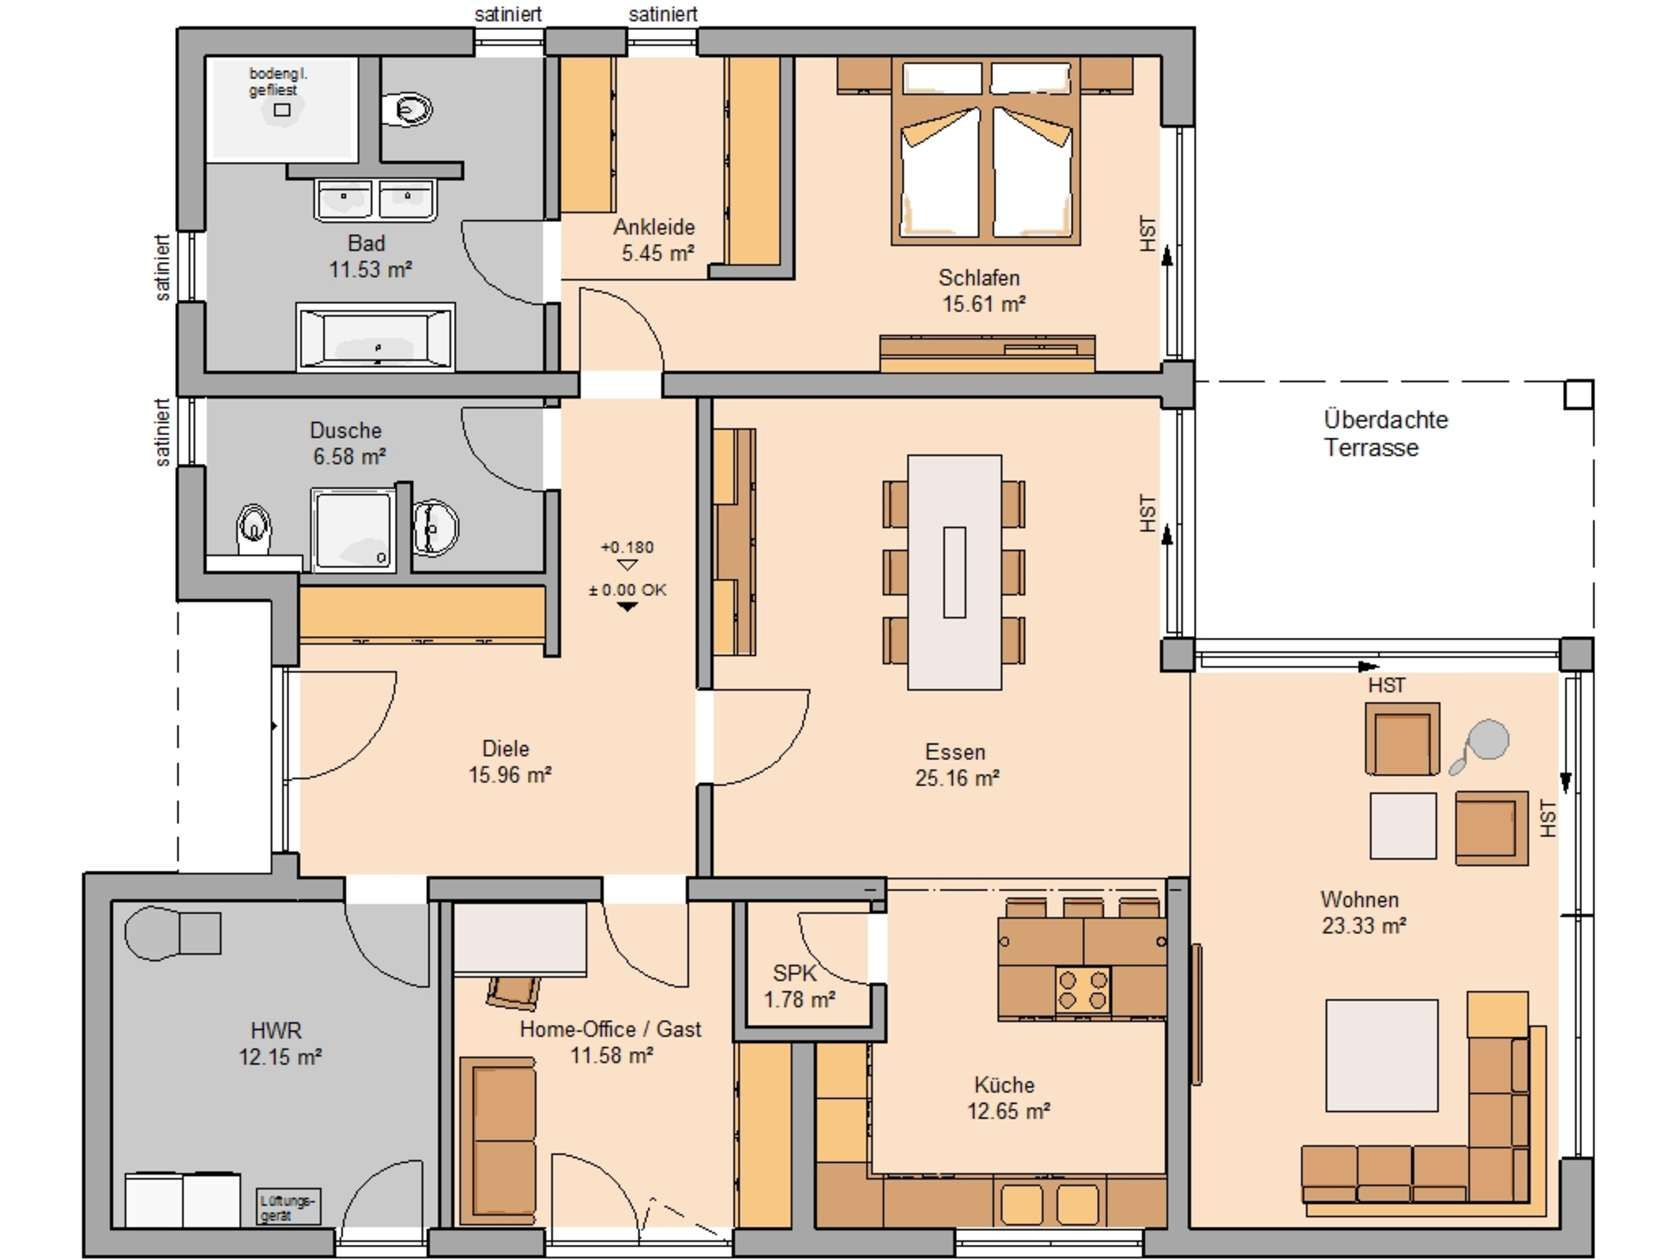 Bungalows in 2020 Haus grundriss, Grundriss bungalow und